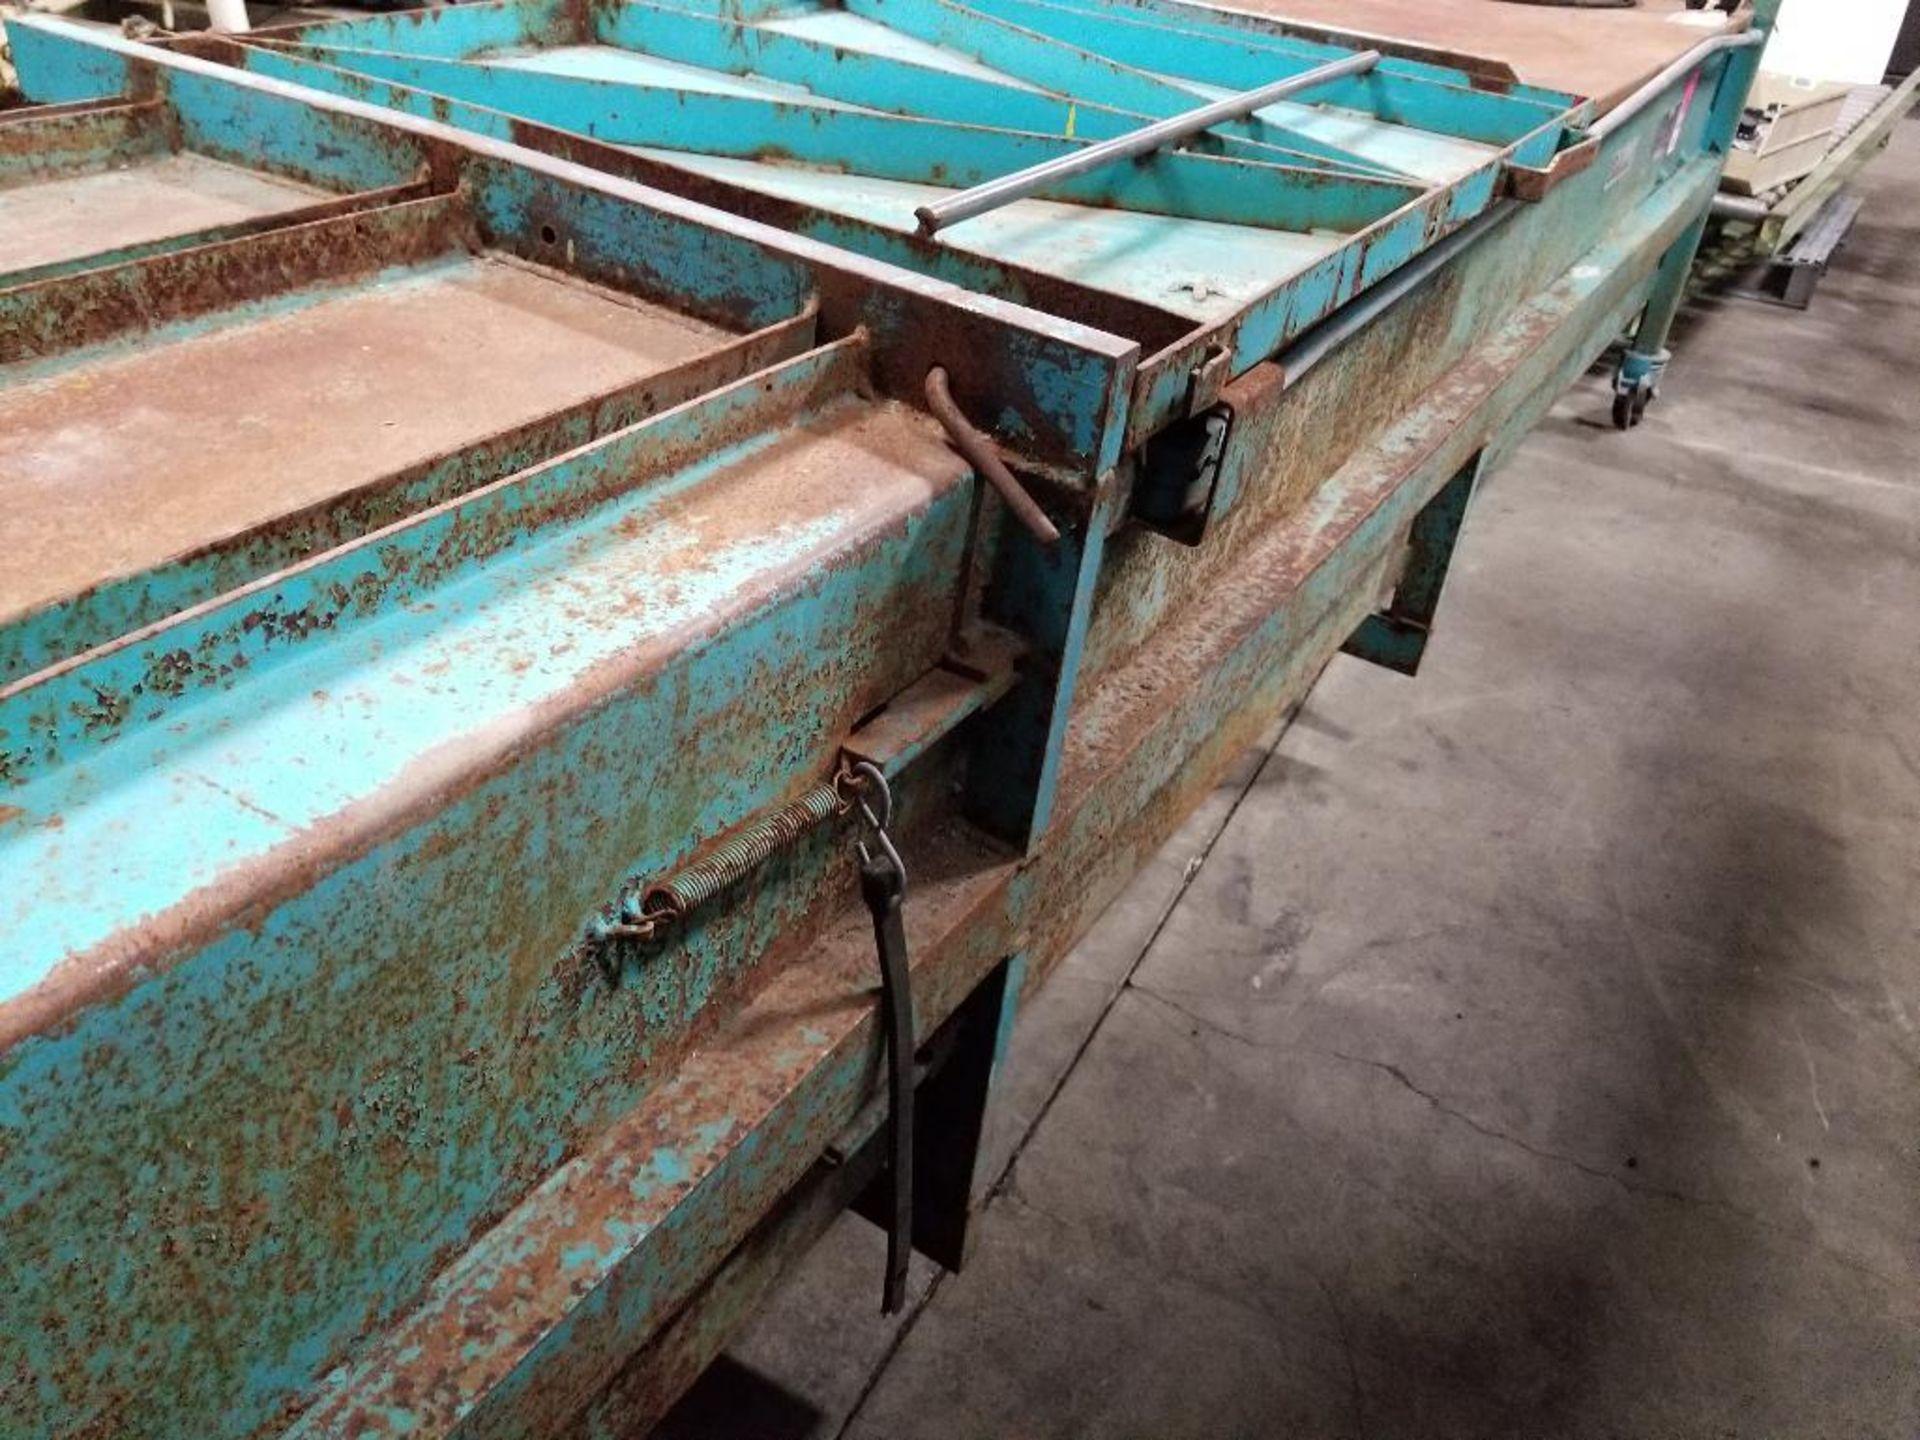 Balemaster baling machine. Model 142-0. - Image 14 of 16